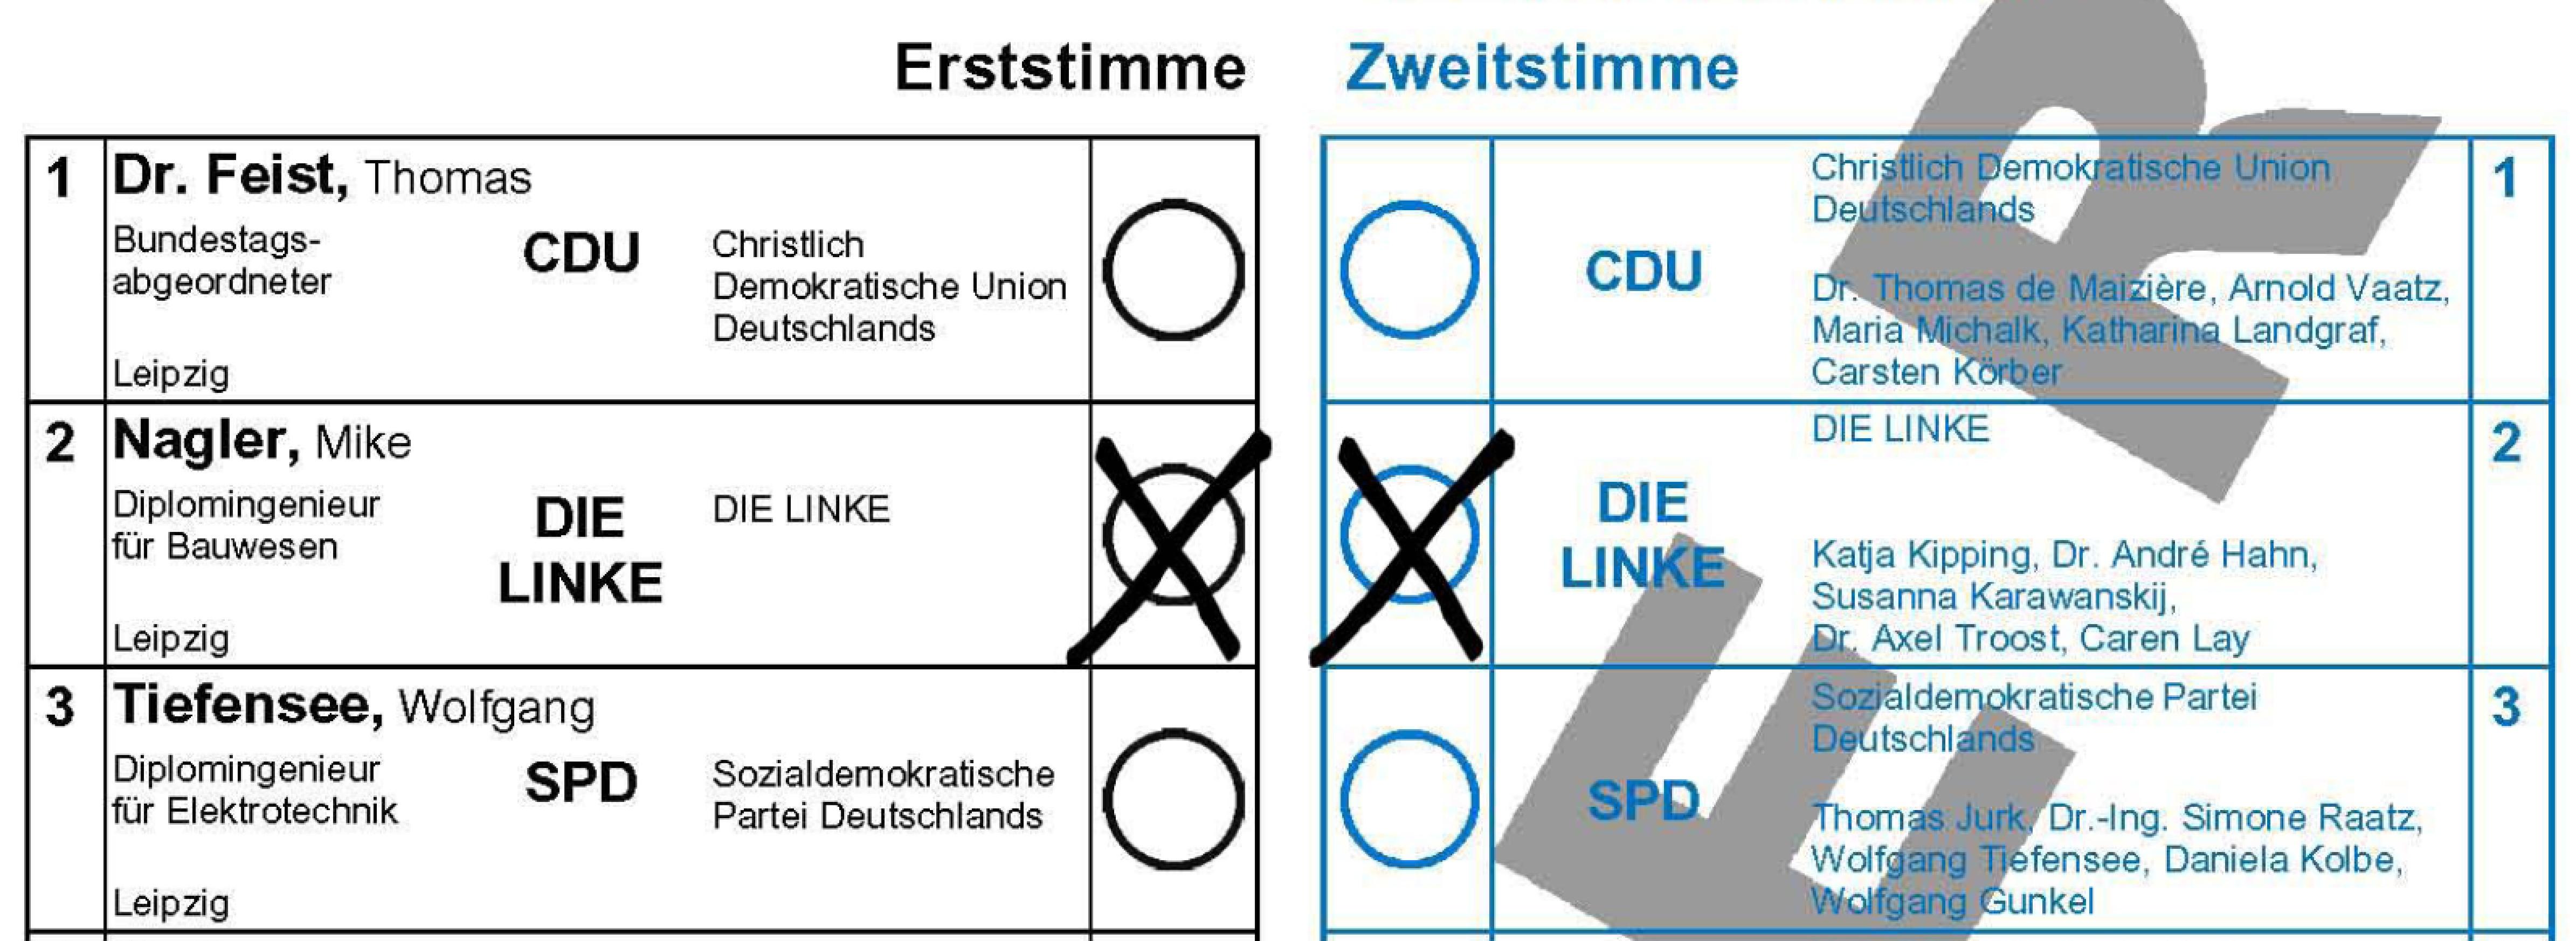 Stimmzettel Bundestagswahl 2013 Leipzig Wk153_muster